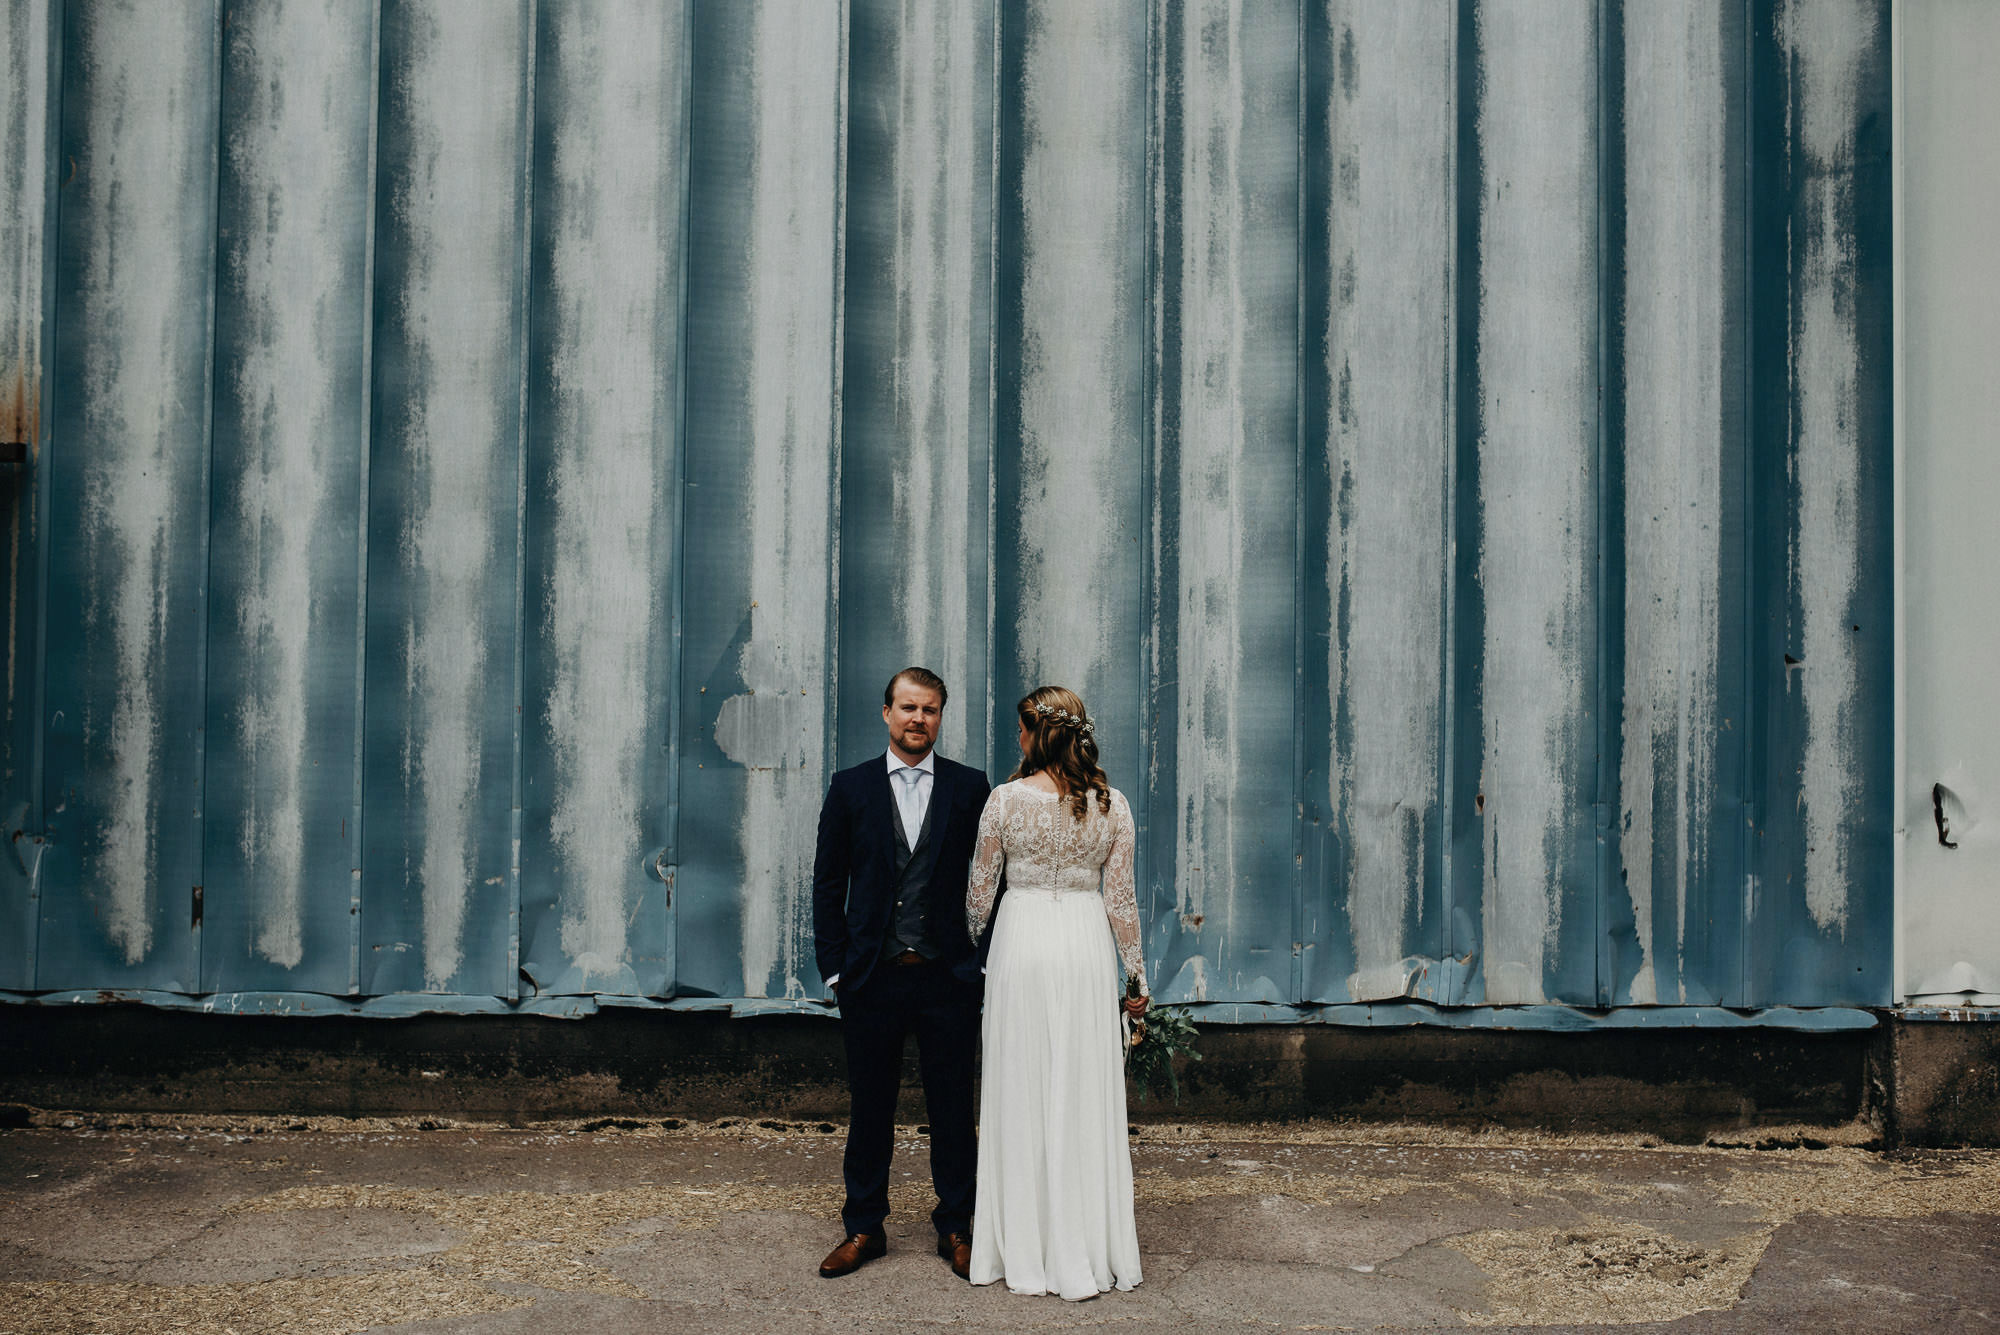 veistamo-haat-jere_satamo-ruissalo-weddings-032.jpg